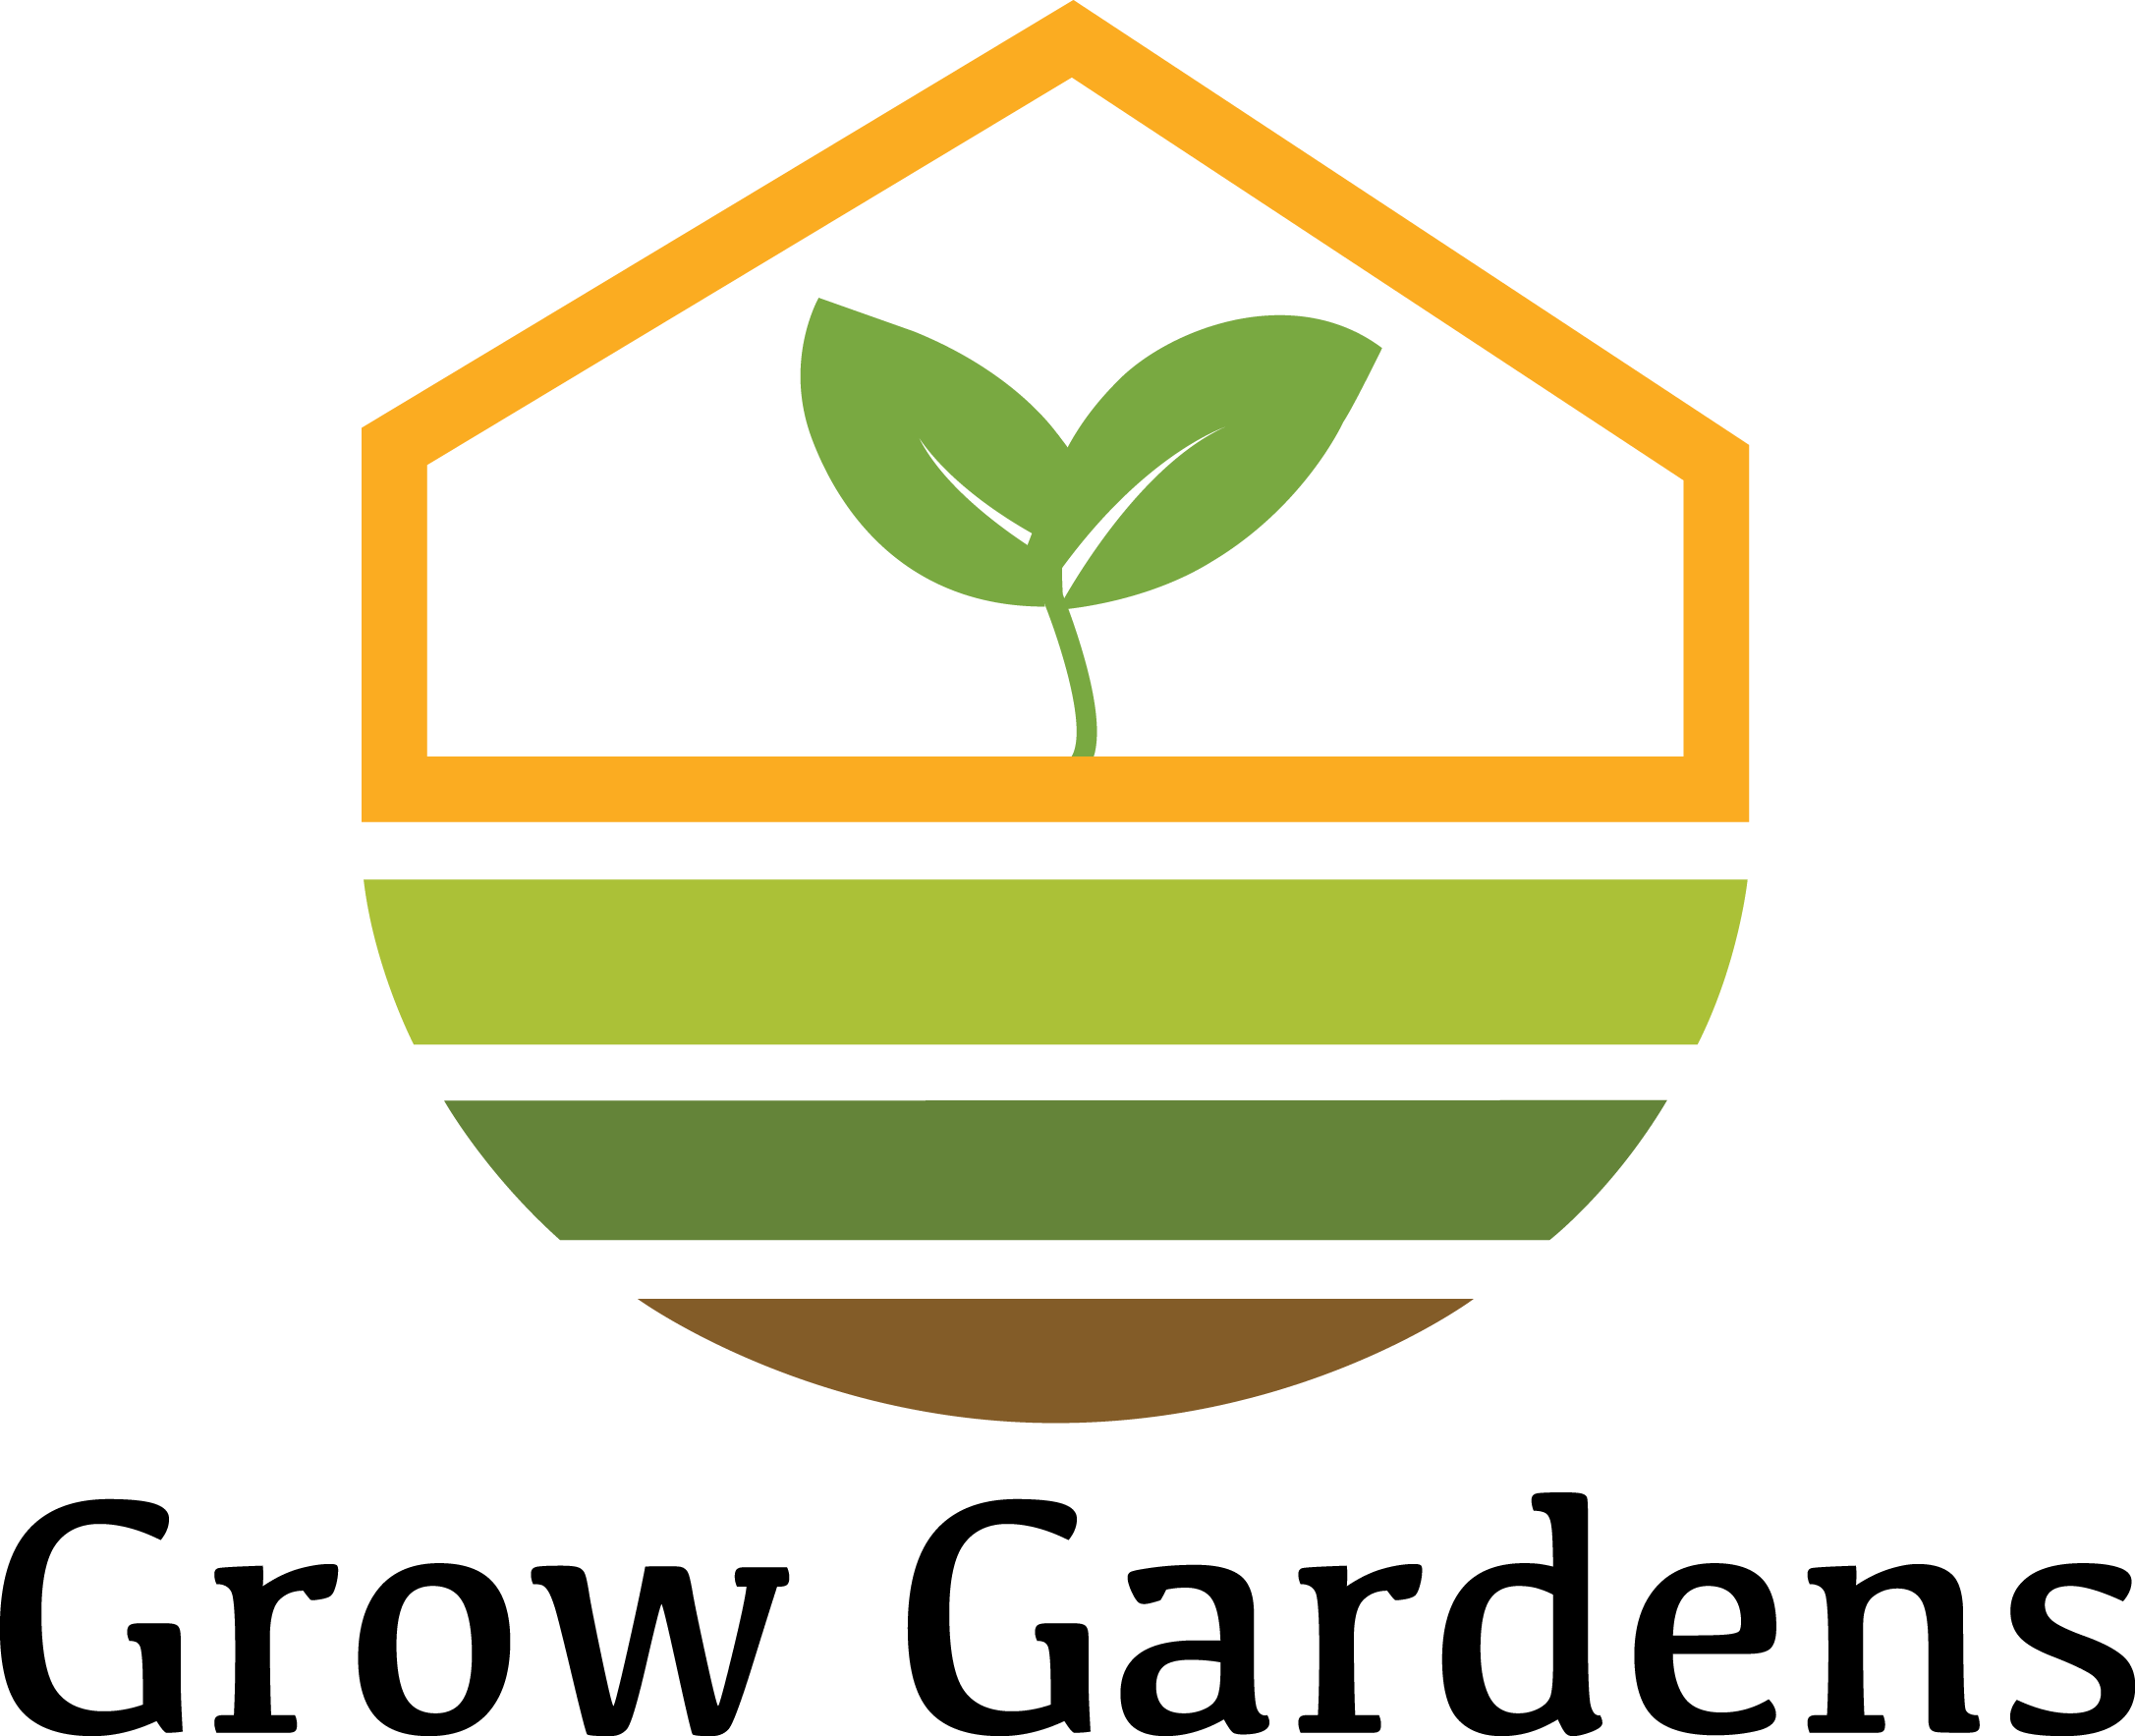 growgarden logo.png